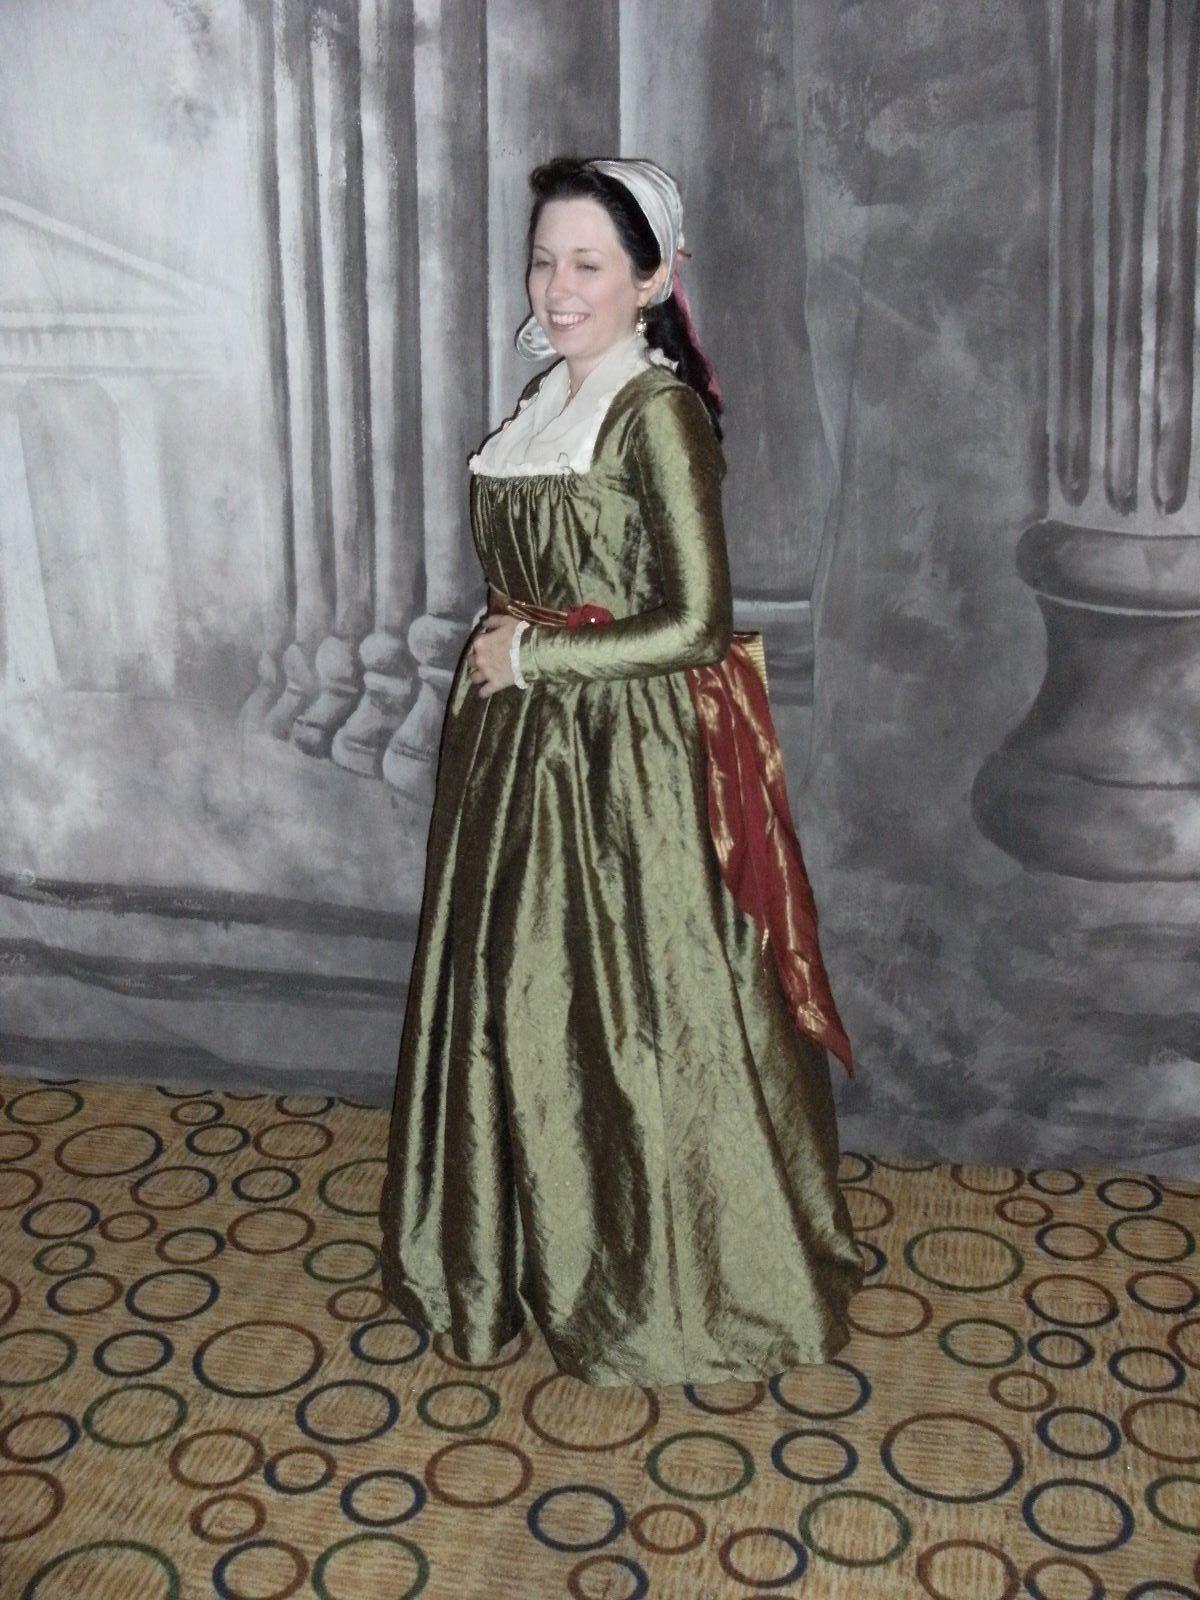 Mode Historique, 1790s dress. 18th century fashion